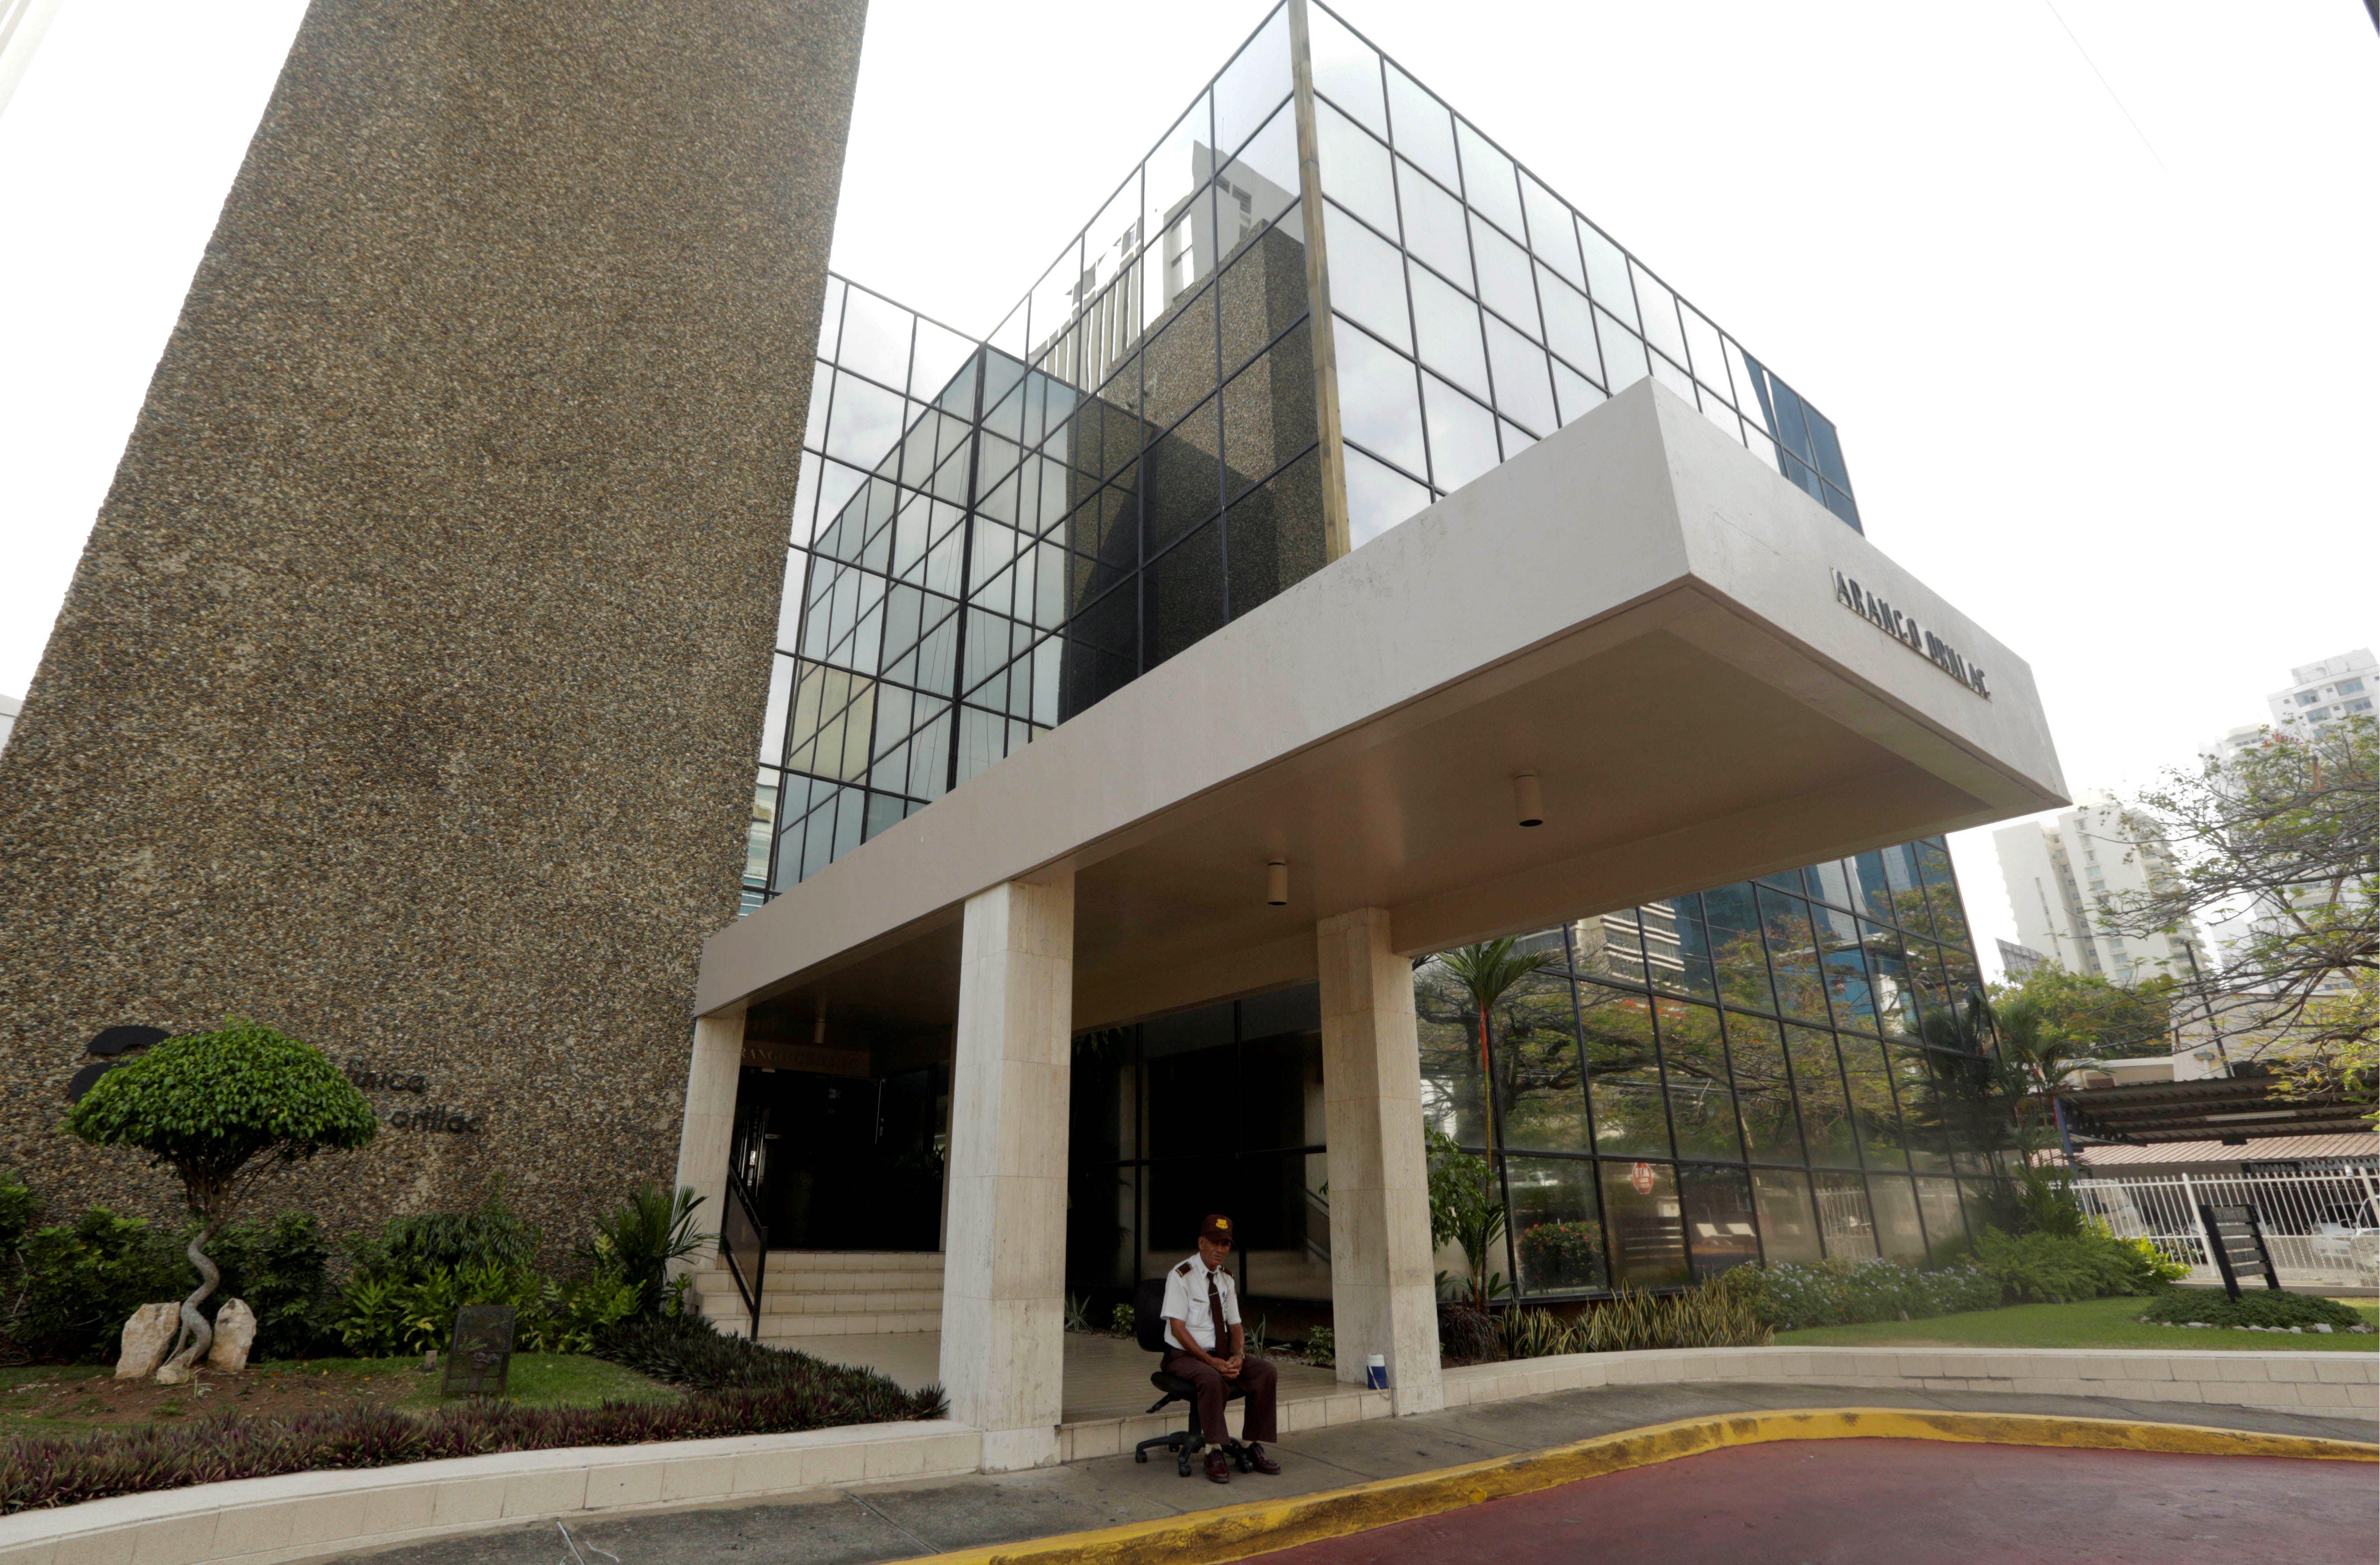 Τα κεντρικά γραφεία της Mossack Fonseca στην πόλη του Παναμά δεν έχουν πολύ κίνηση αυτές τις μέρες… Η ίδια εικόνα επικρατεί στα γραφεία που έχει η «δικηγορική εταιρία» σε δεκάδες ακόμη χώρες του κόσμου.